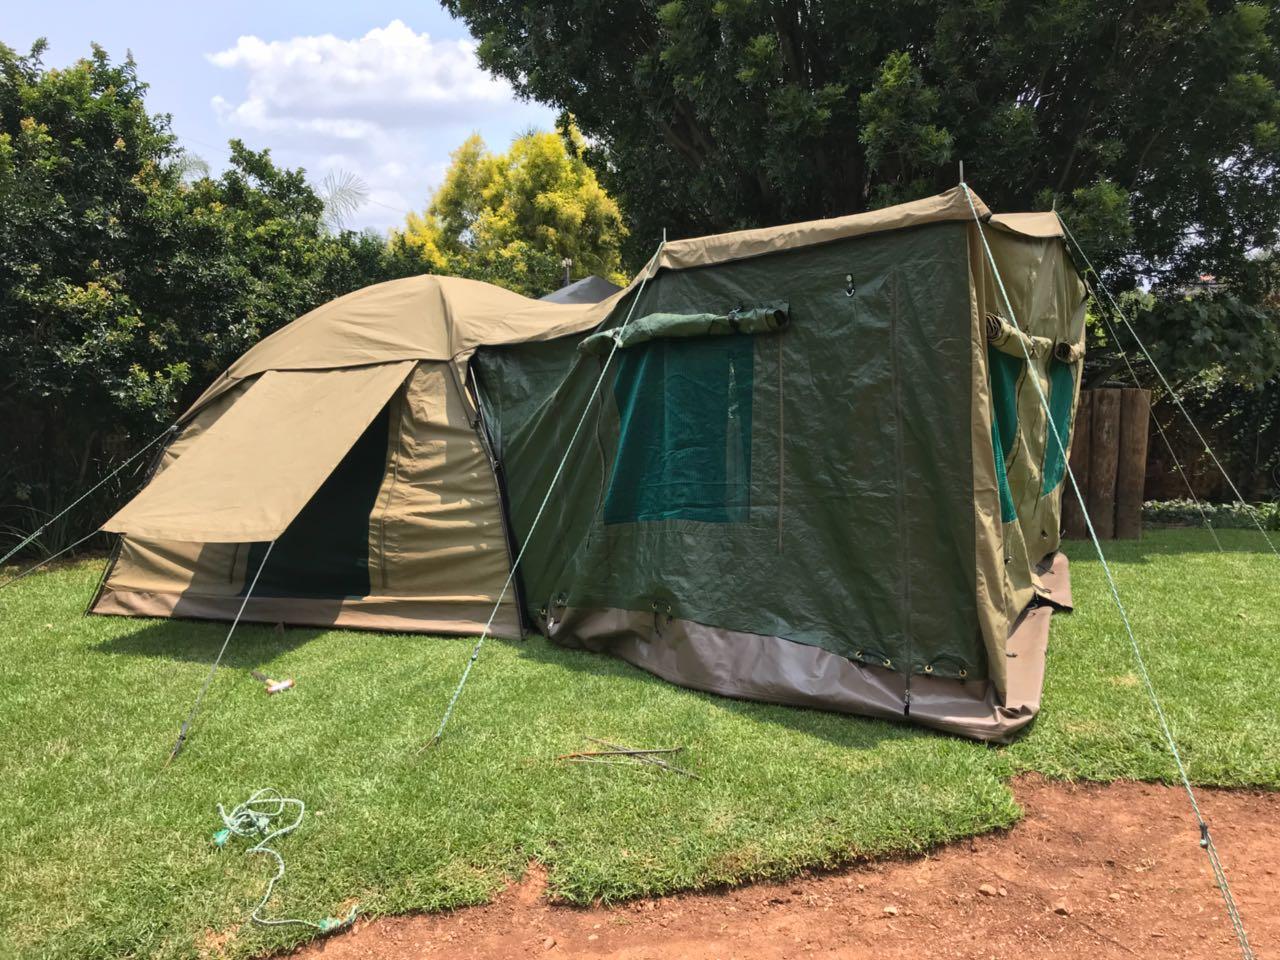 Canvas 3x3m Safari Dome Tent & Canvas 3x3m Safari Dome Tent   Junk Mail